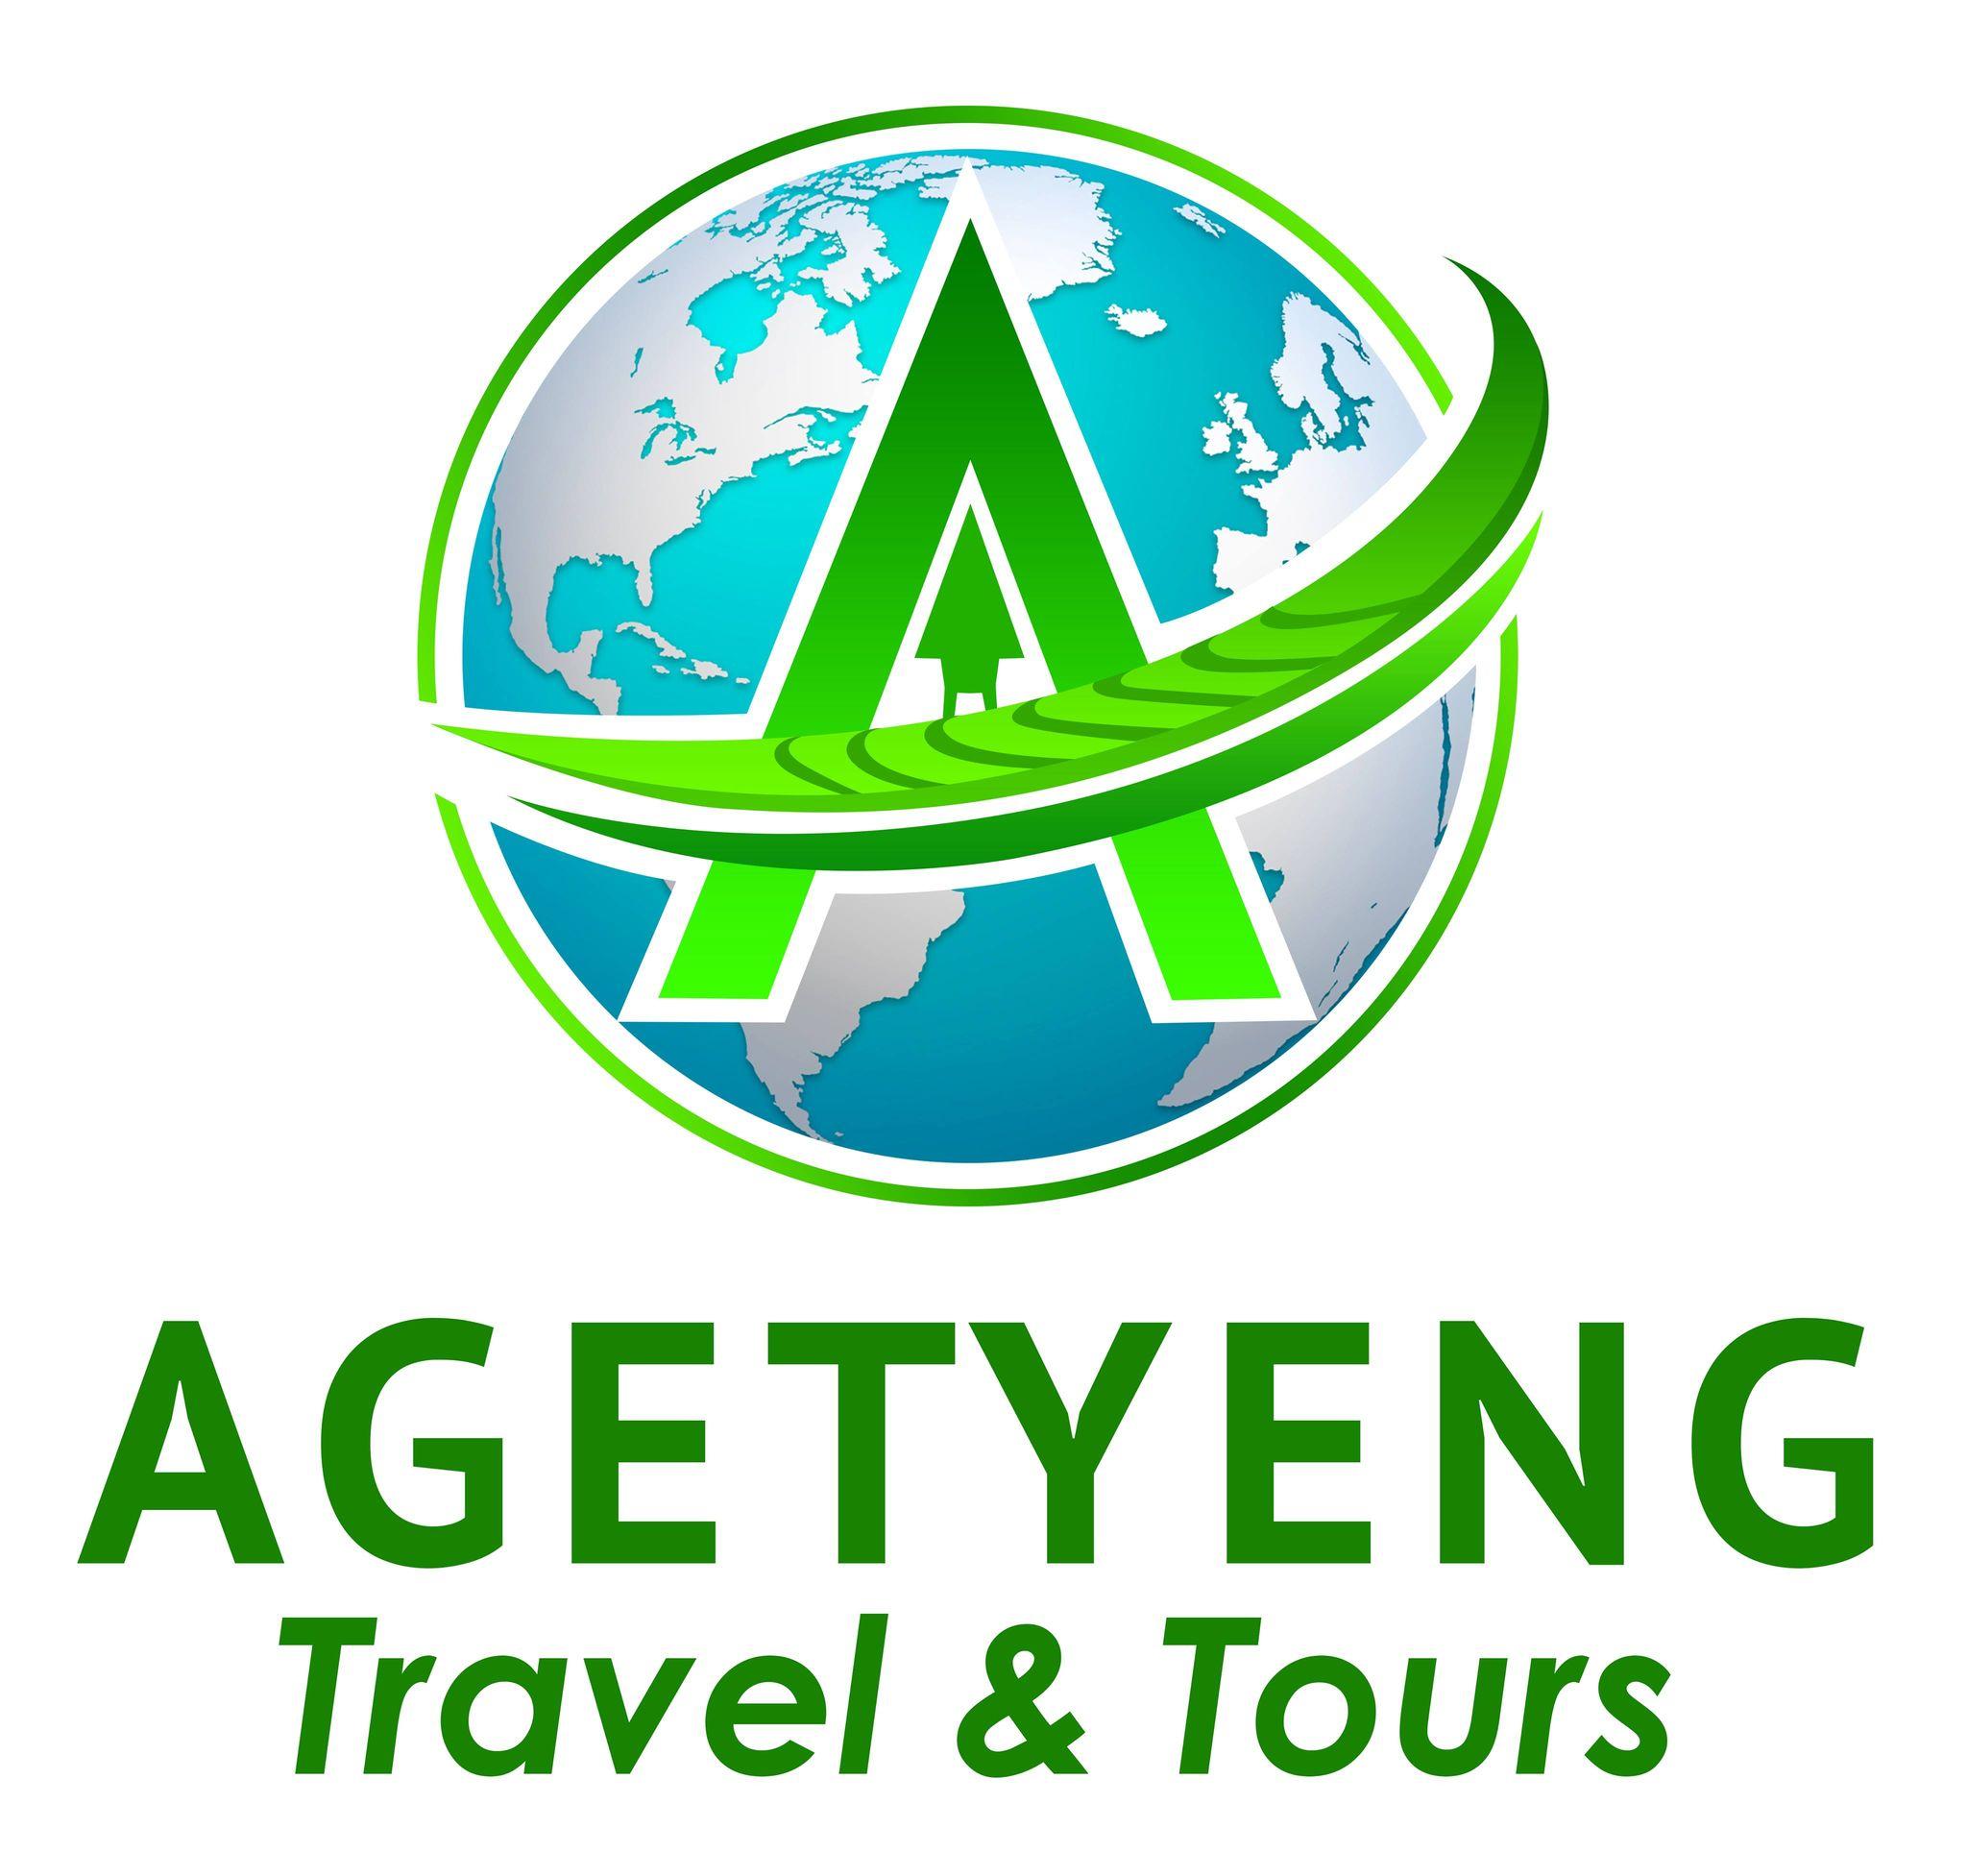 AGETYENG TRAVEL AND TOURS